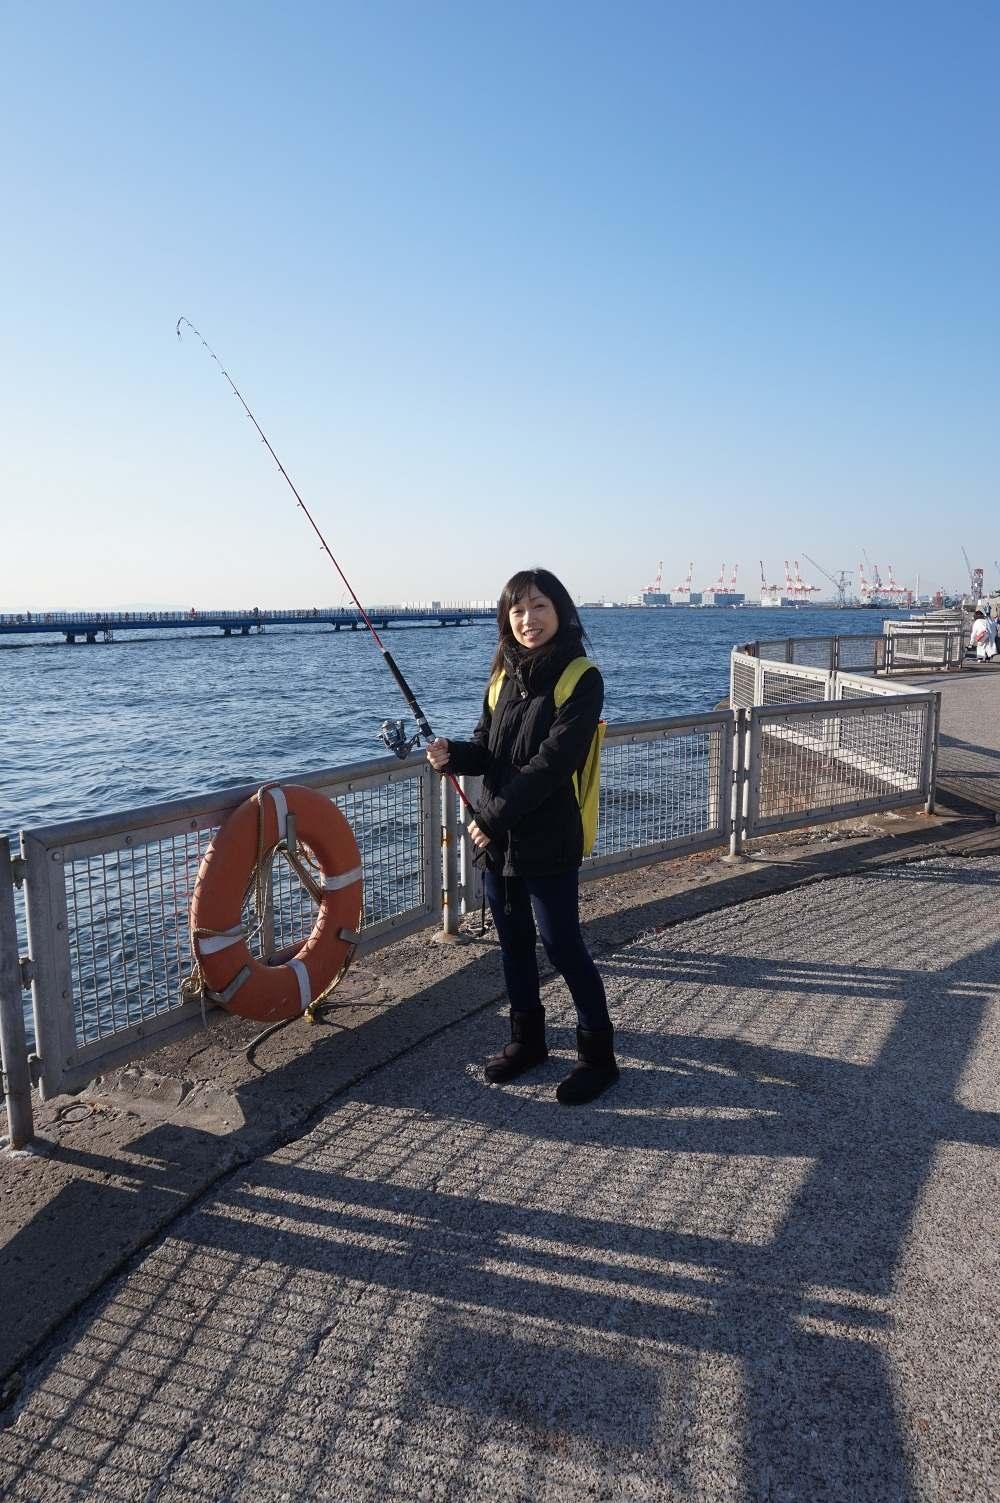 朝釣りして中華街で朝ごはん!みなとみらいで超アクティブな朝活!